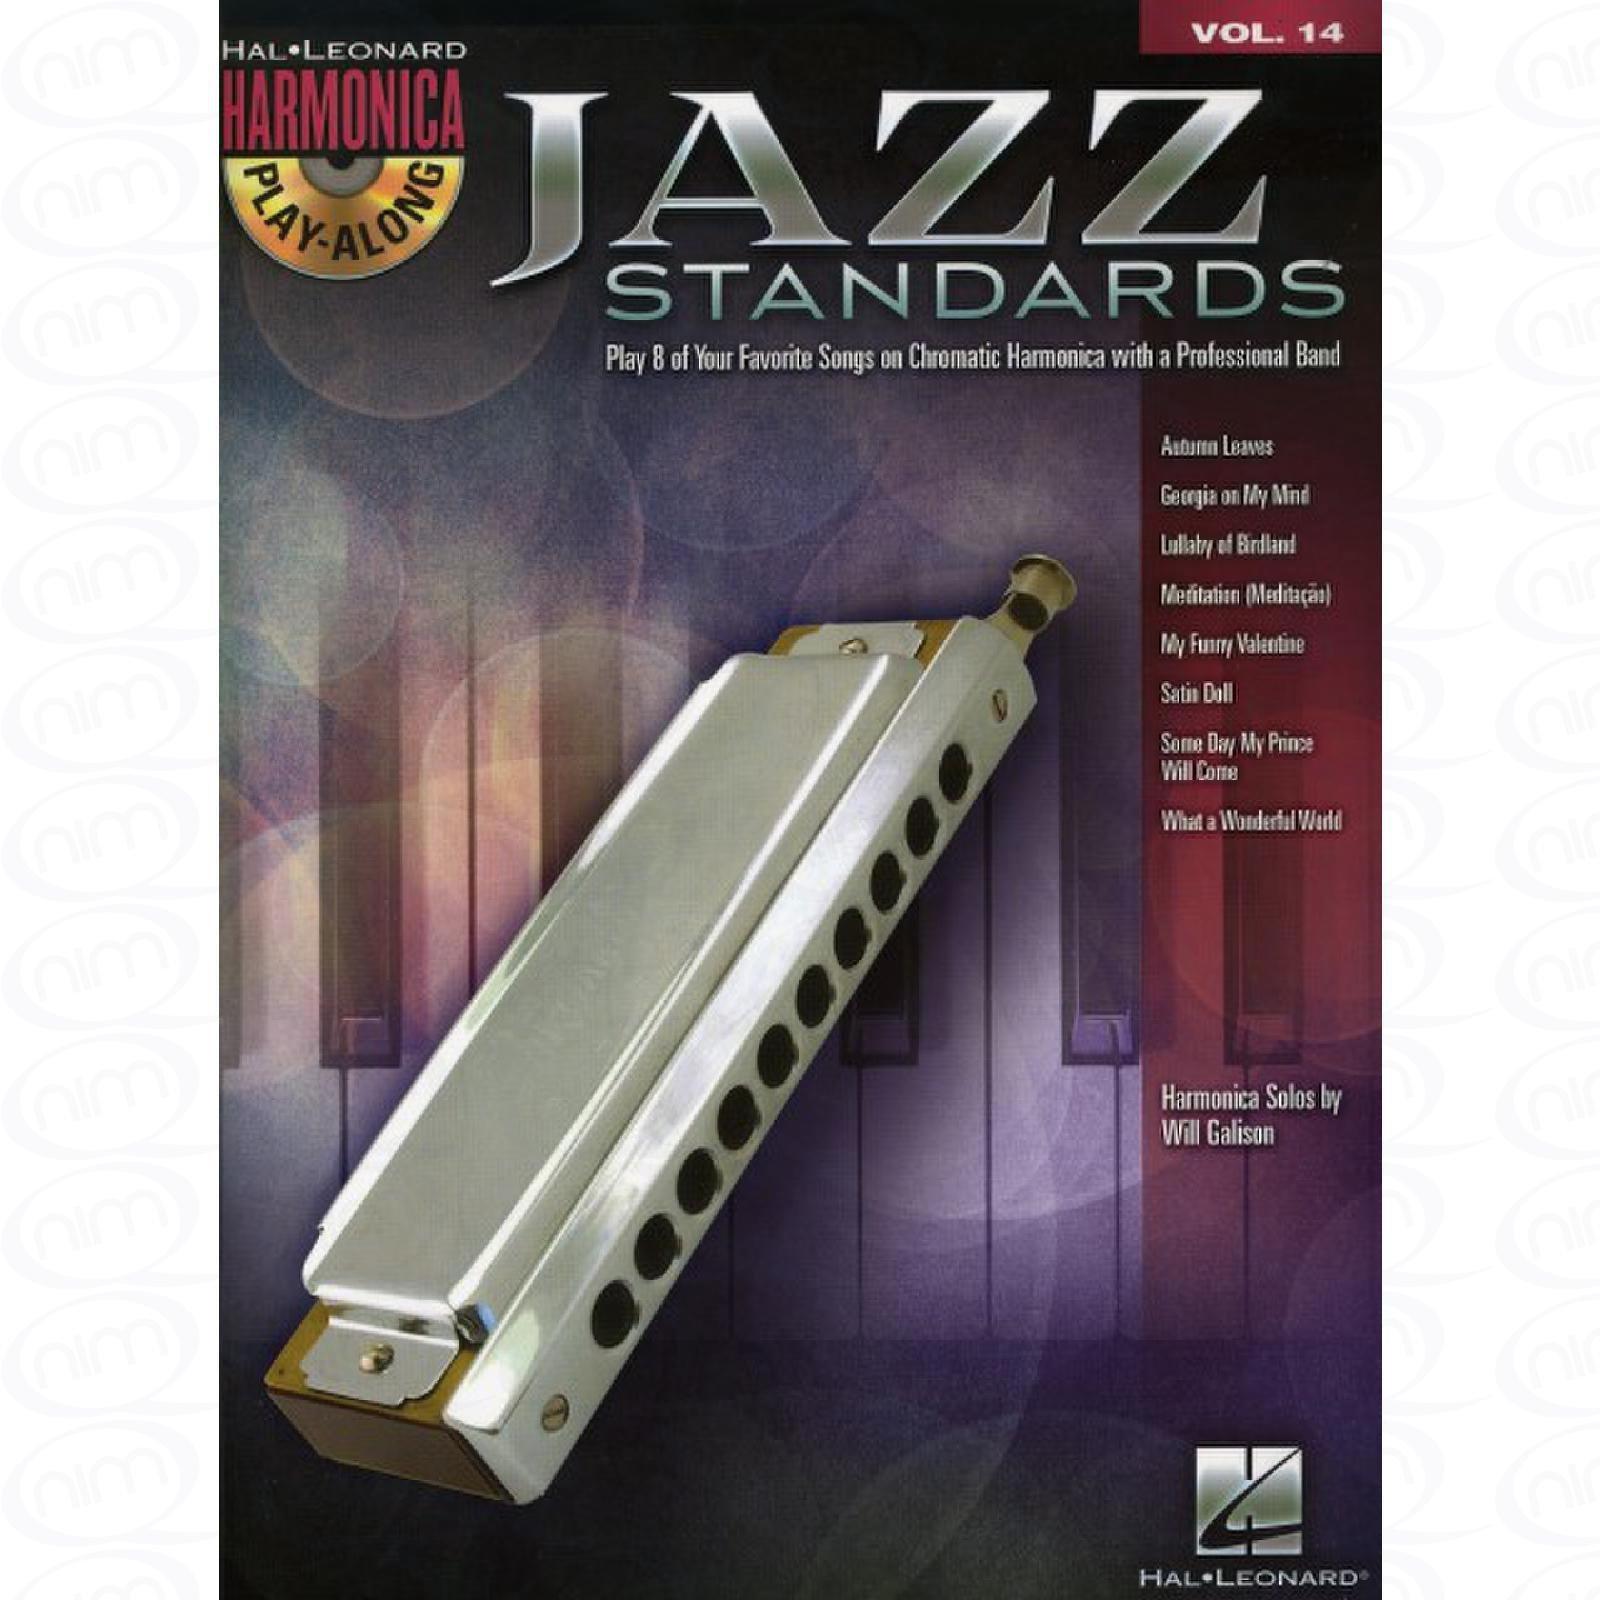 JAZZ STANDARDS   Arrangiert Für Mundharmonika   Mit CD  Noten Sheetmusic  Aus Der Reihe  Harmonica Play Along 14